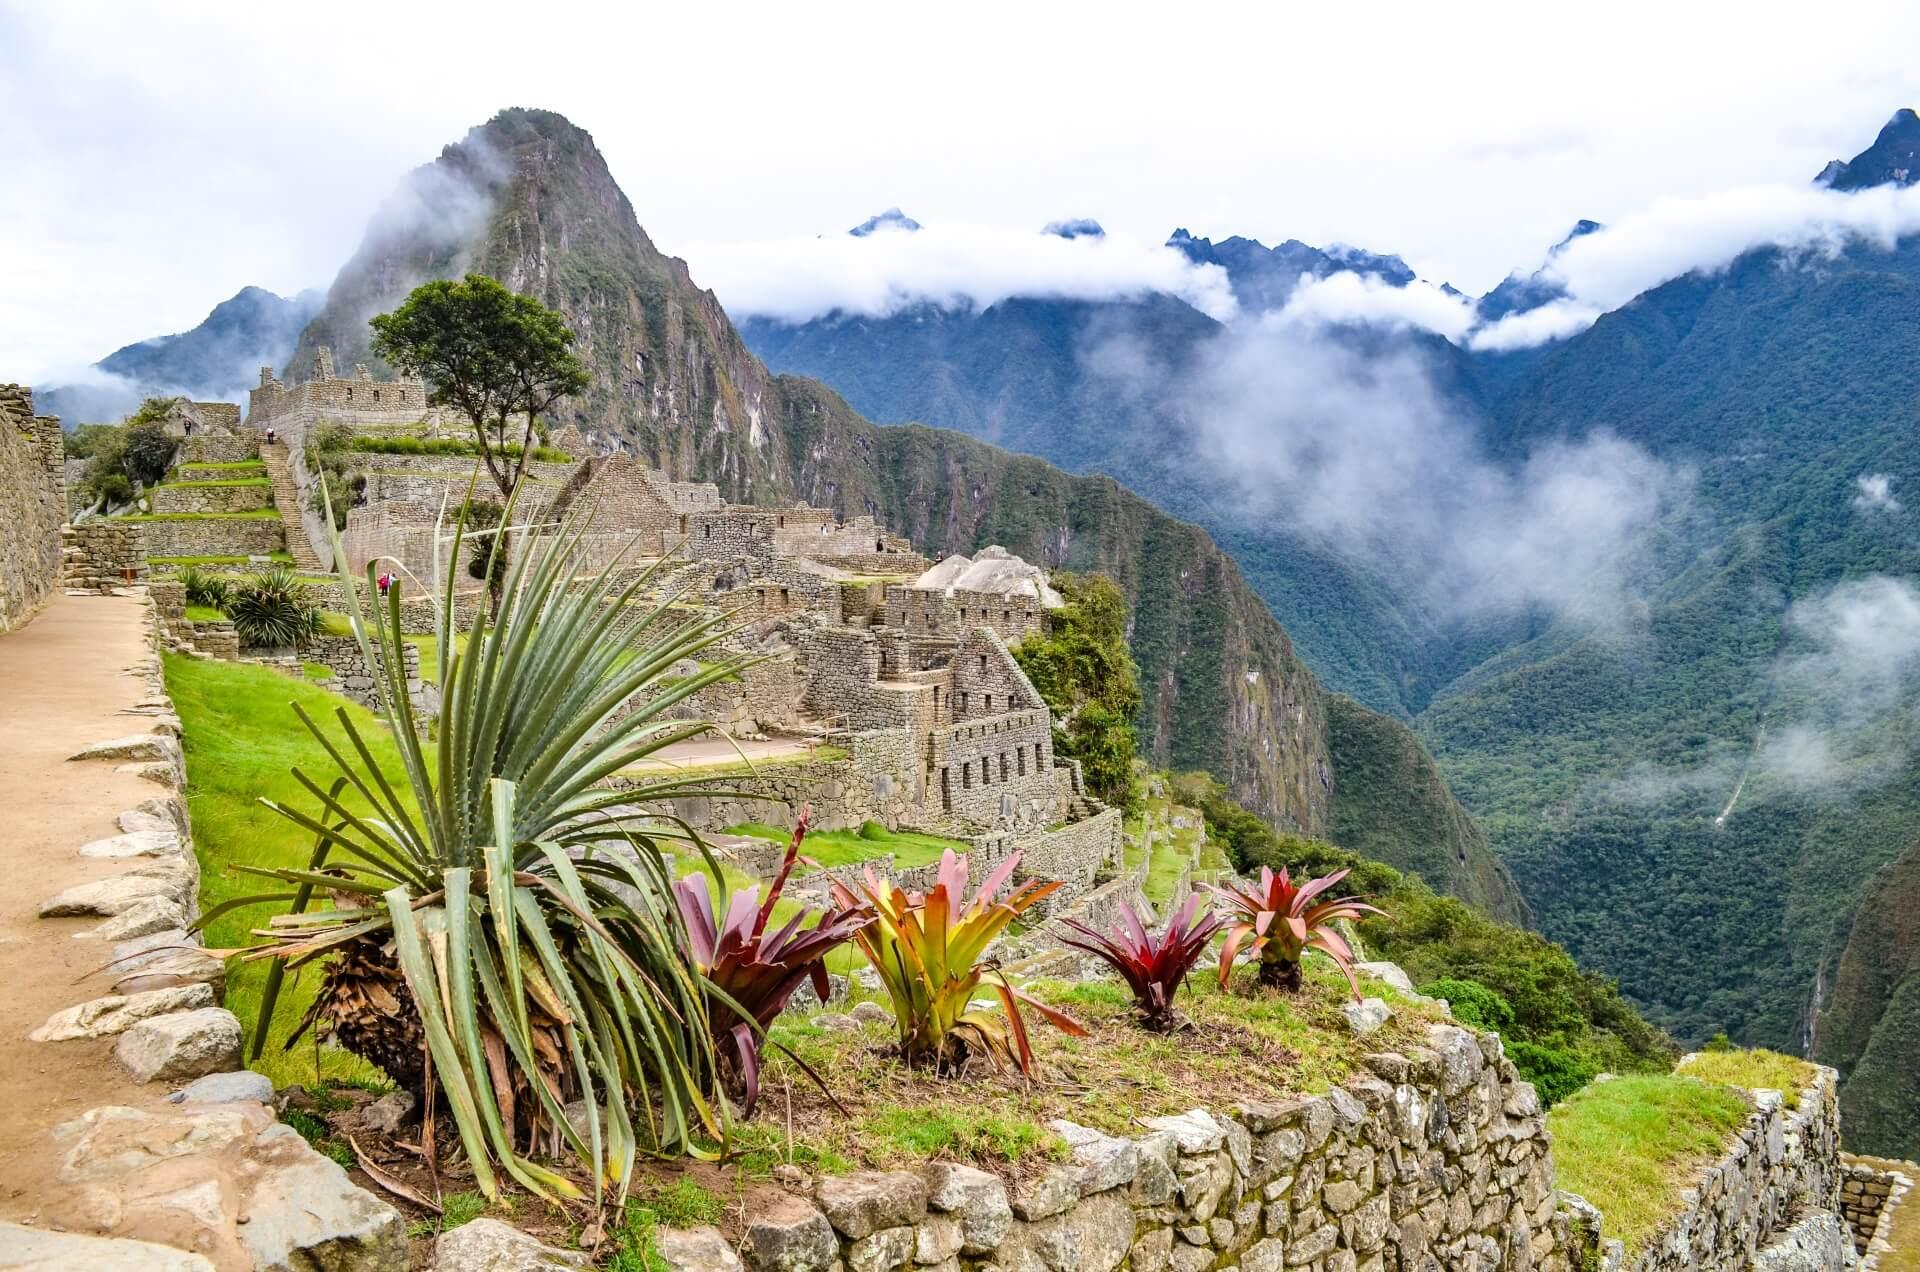 Die antike Mayastadt Machu Picchu in Peru.